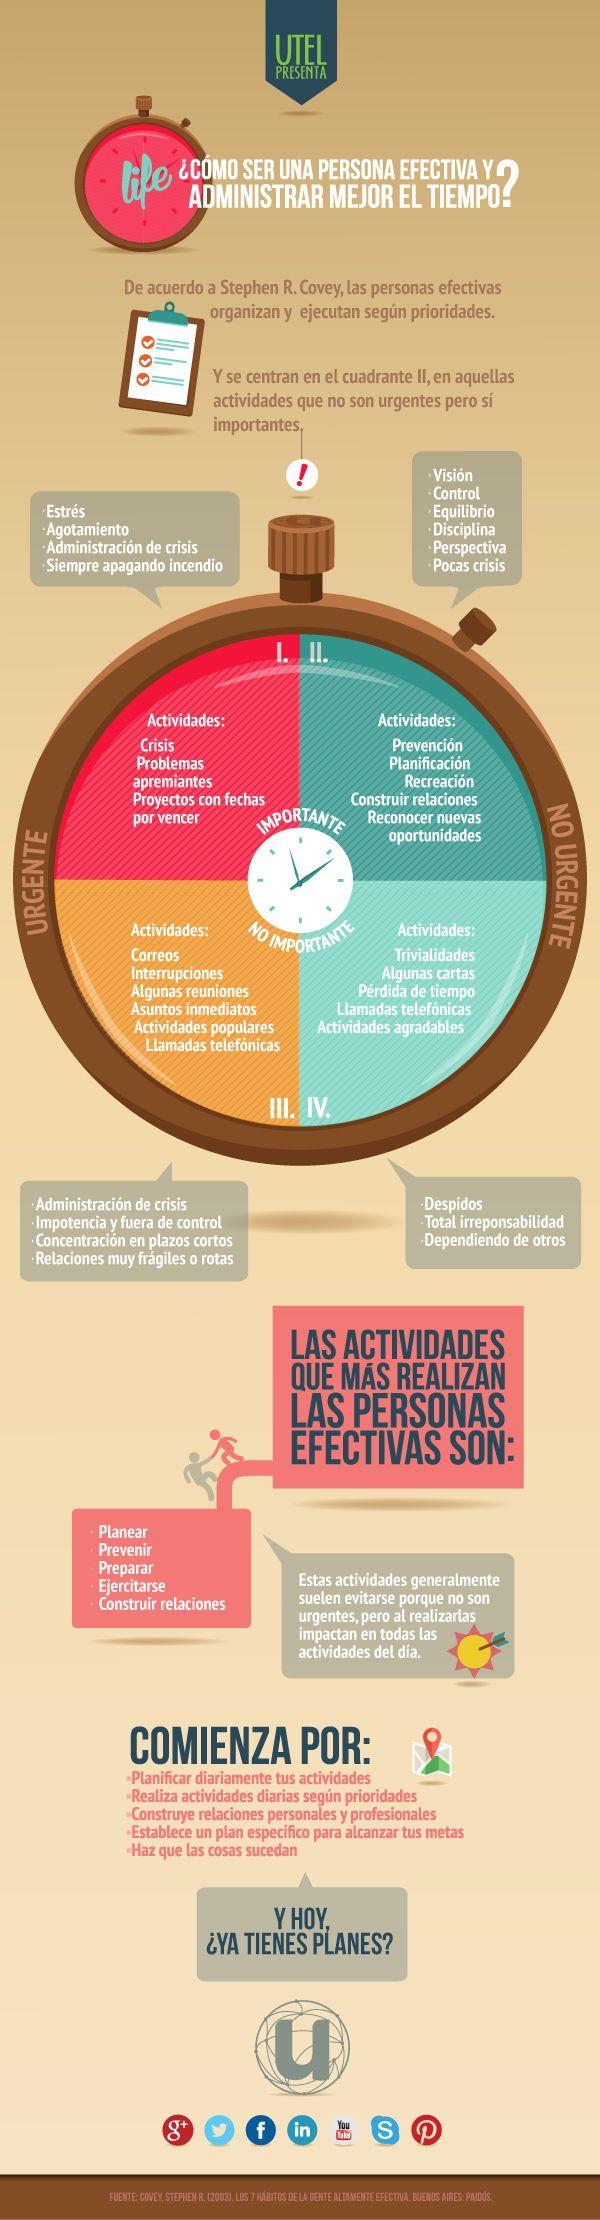 Gestiona bien el tiempo para ser más efectivo #infografia #infographic #productividad via: @UTEL_